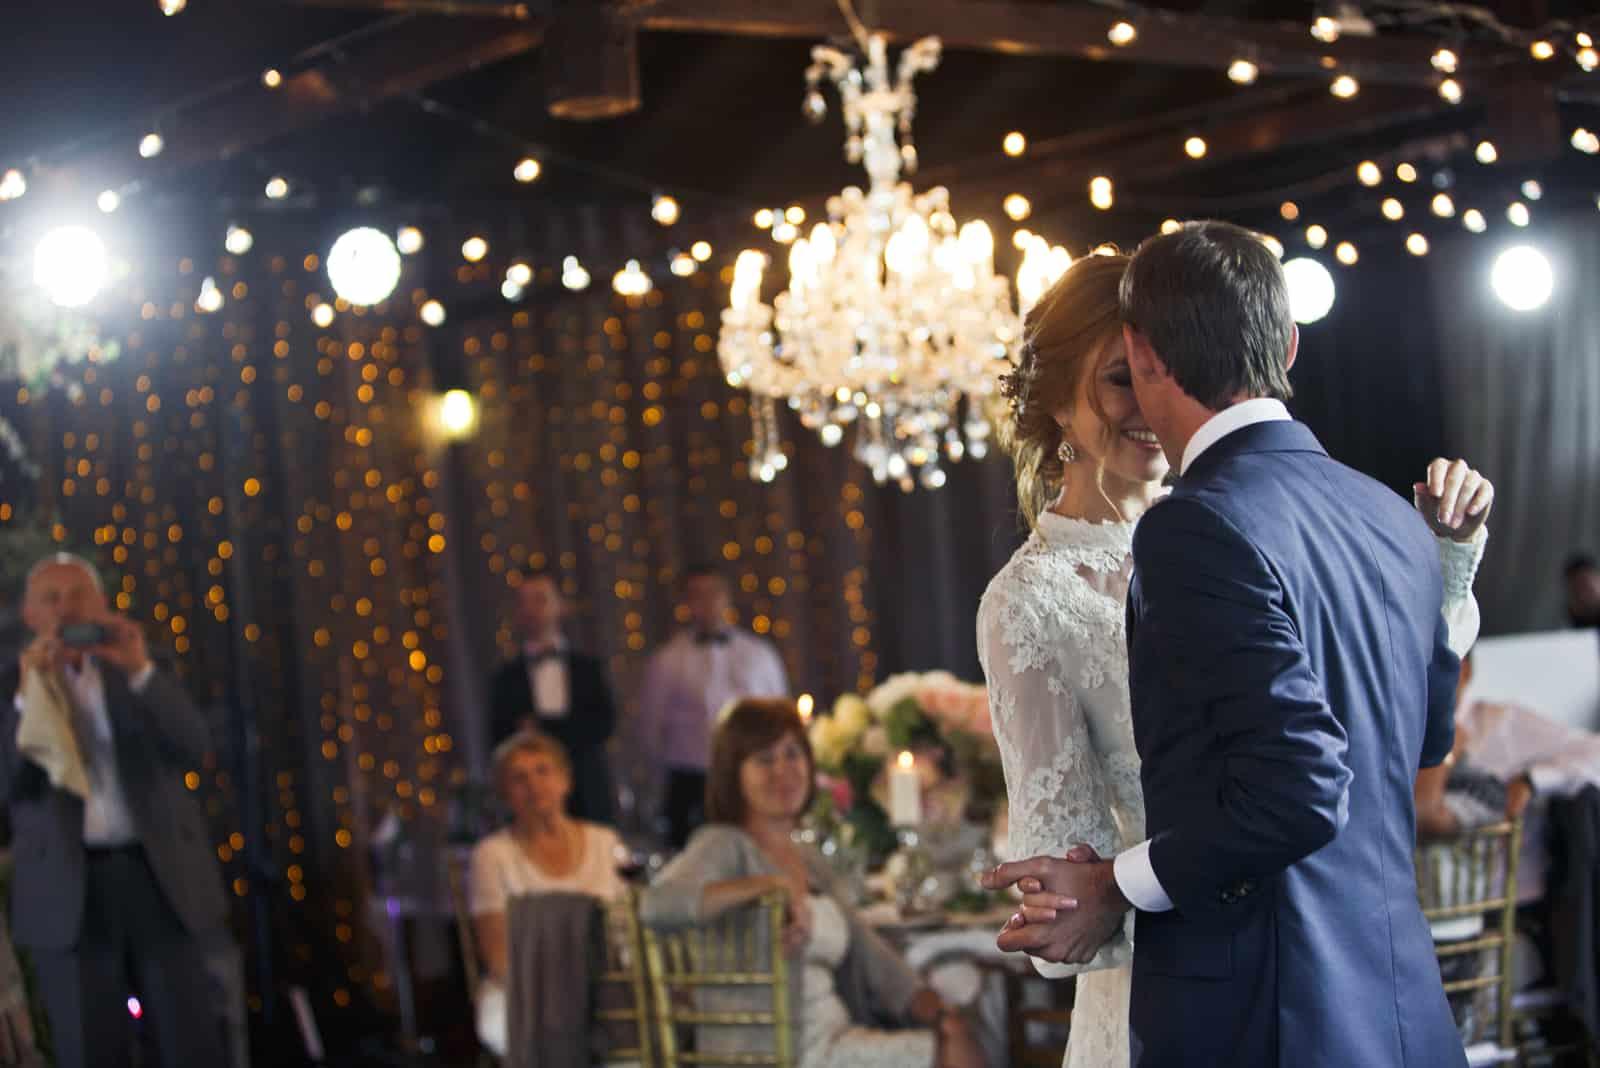 Der Bräutigam hält die Hand der Braut und tanzt